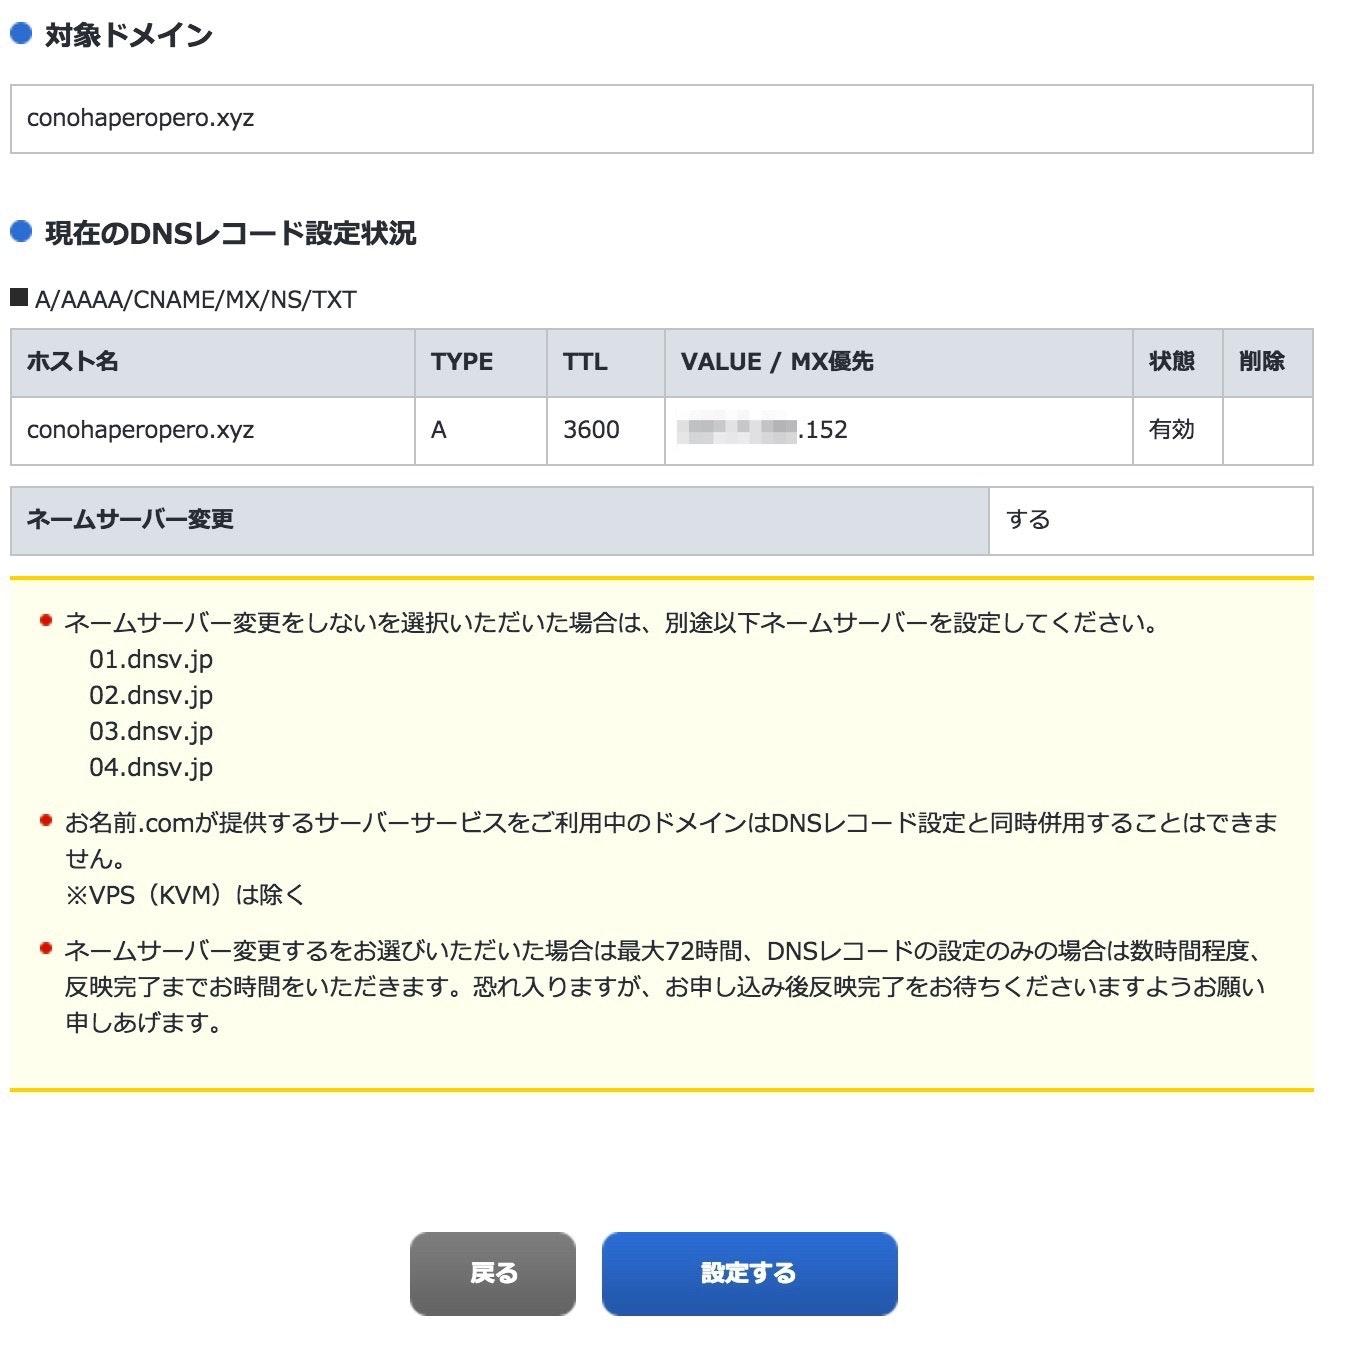 スクリーンショット_2015-11-11_18_54_12.jpg